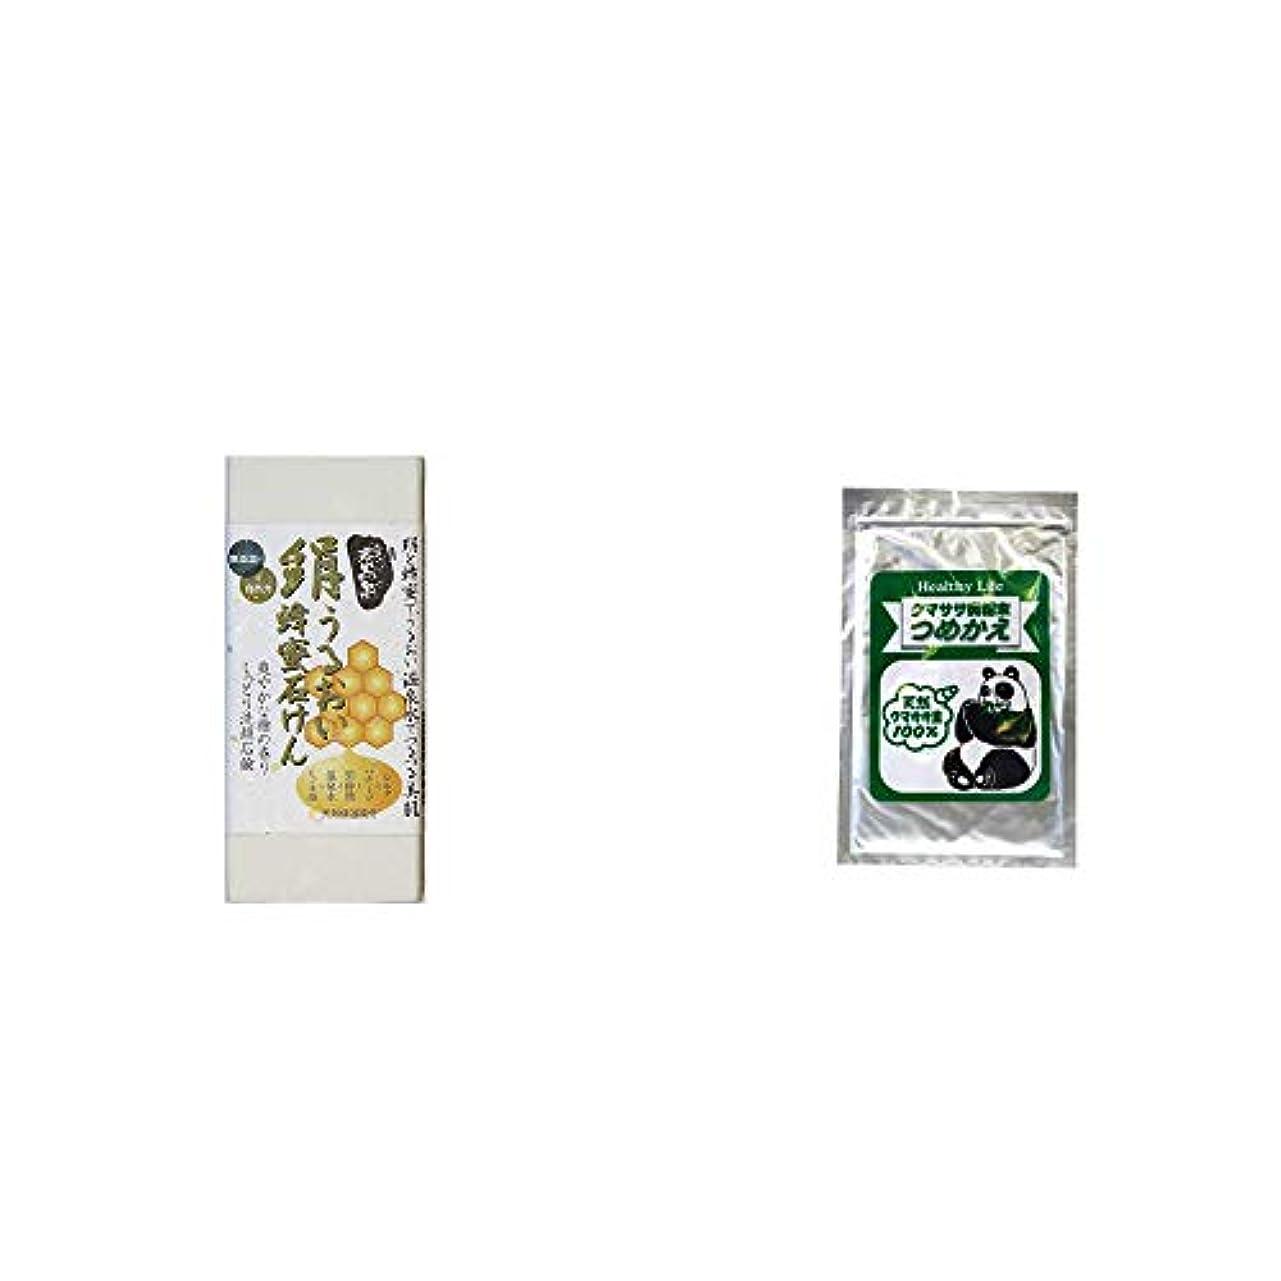 滑り台聖職者ご意見[2点セット] ひのき炭黒泉 絹うるおい蜂蜜石けん(75g×2)?木曽産 熊笹100% クマササ微粉末 詰め替え用 (60g)